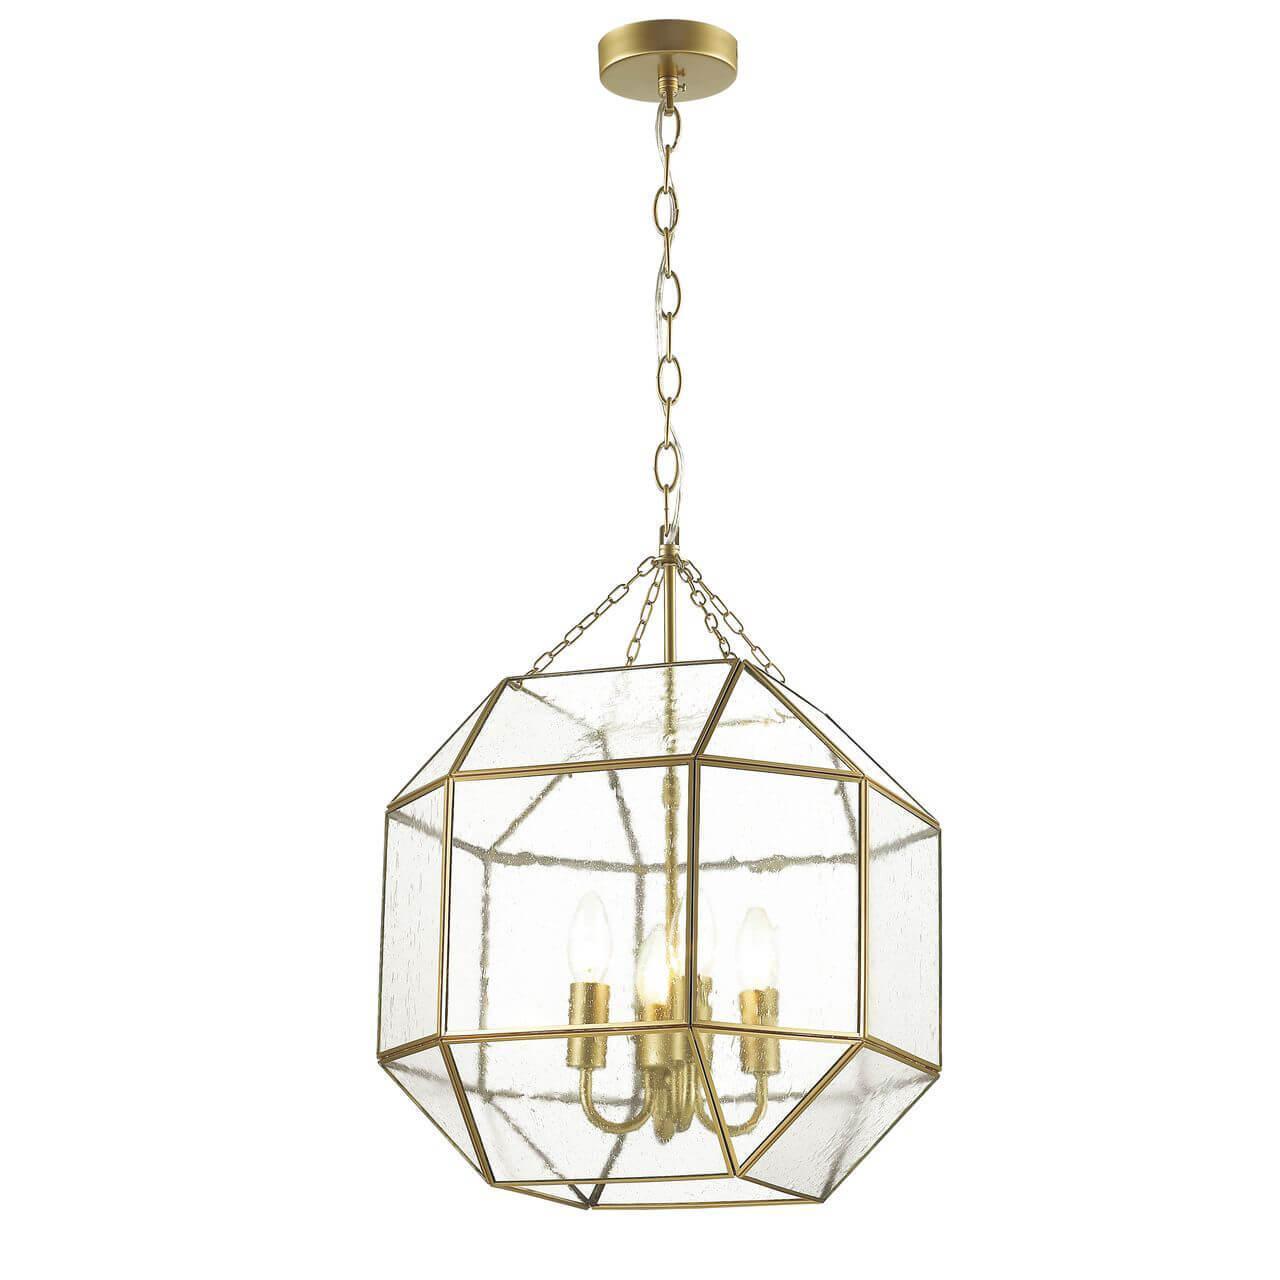 Подвесной светильник Favourite 1948-4P, E14, 40 Вт люстра favourite quadratum 1949 4p подвесная